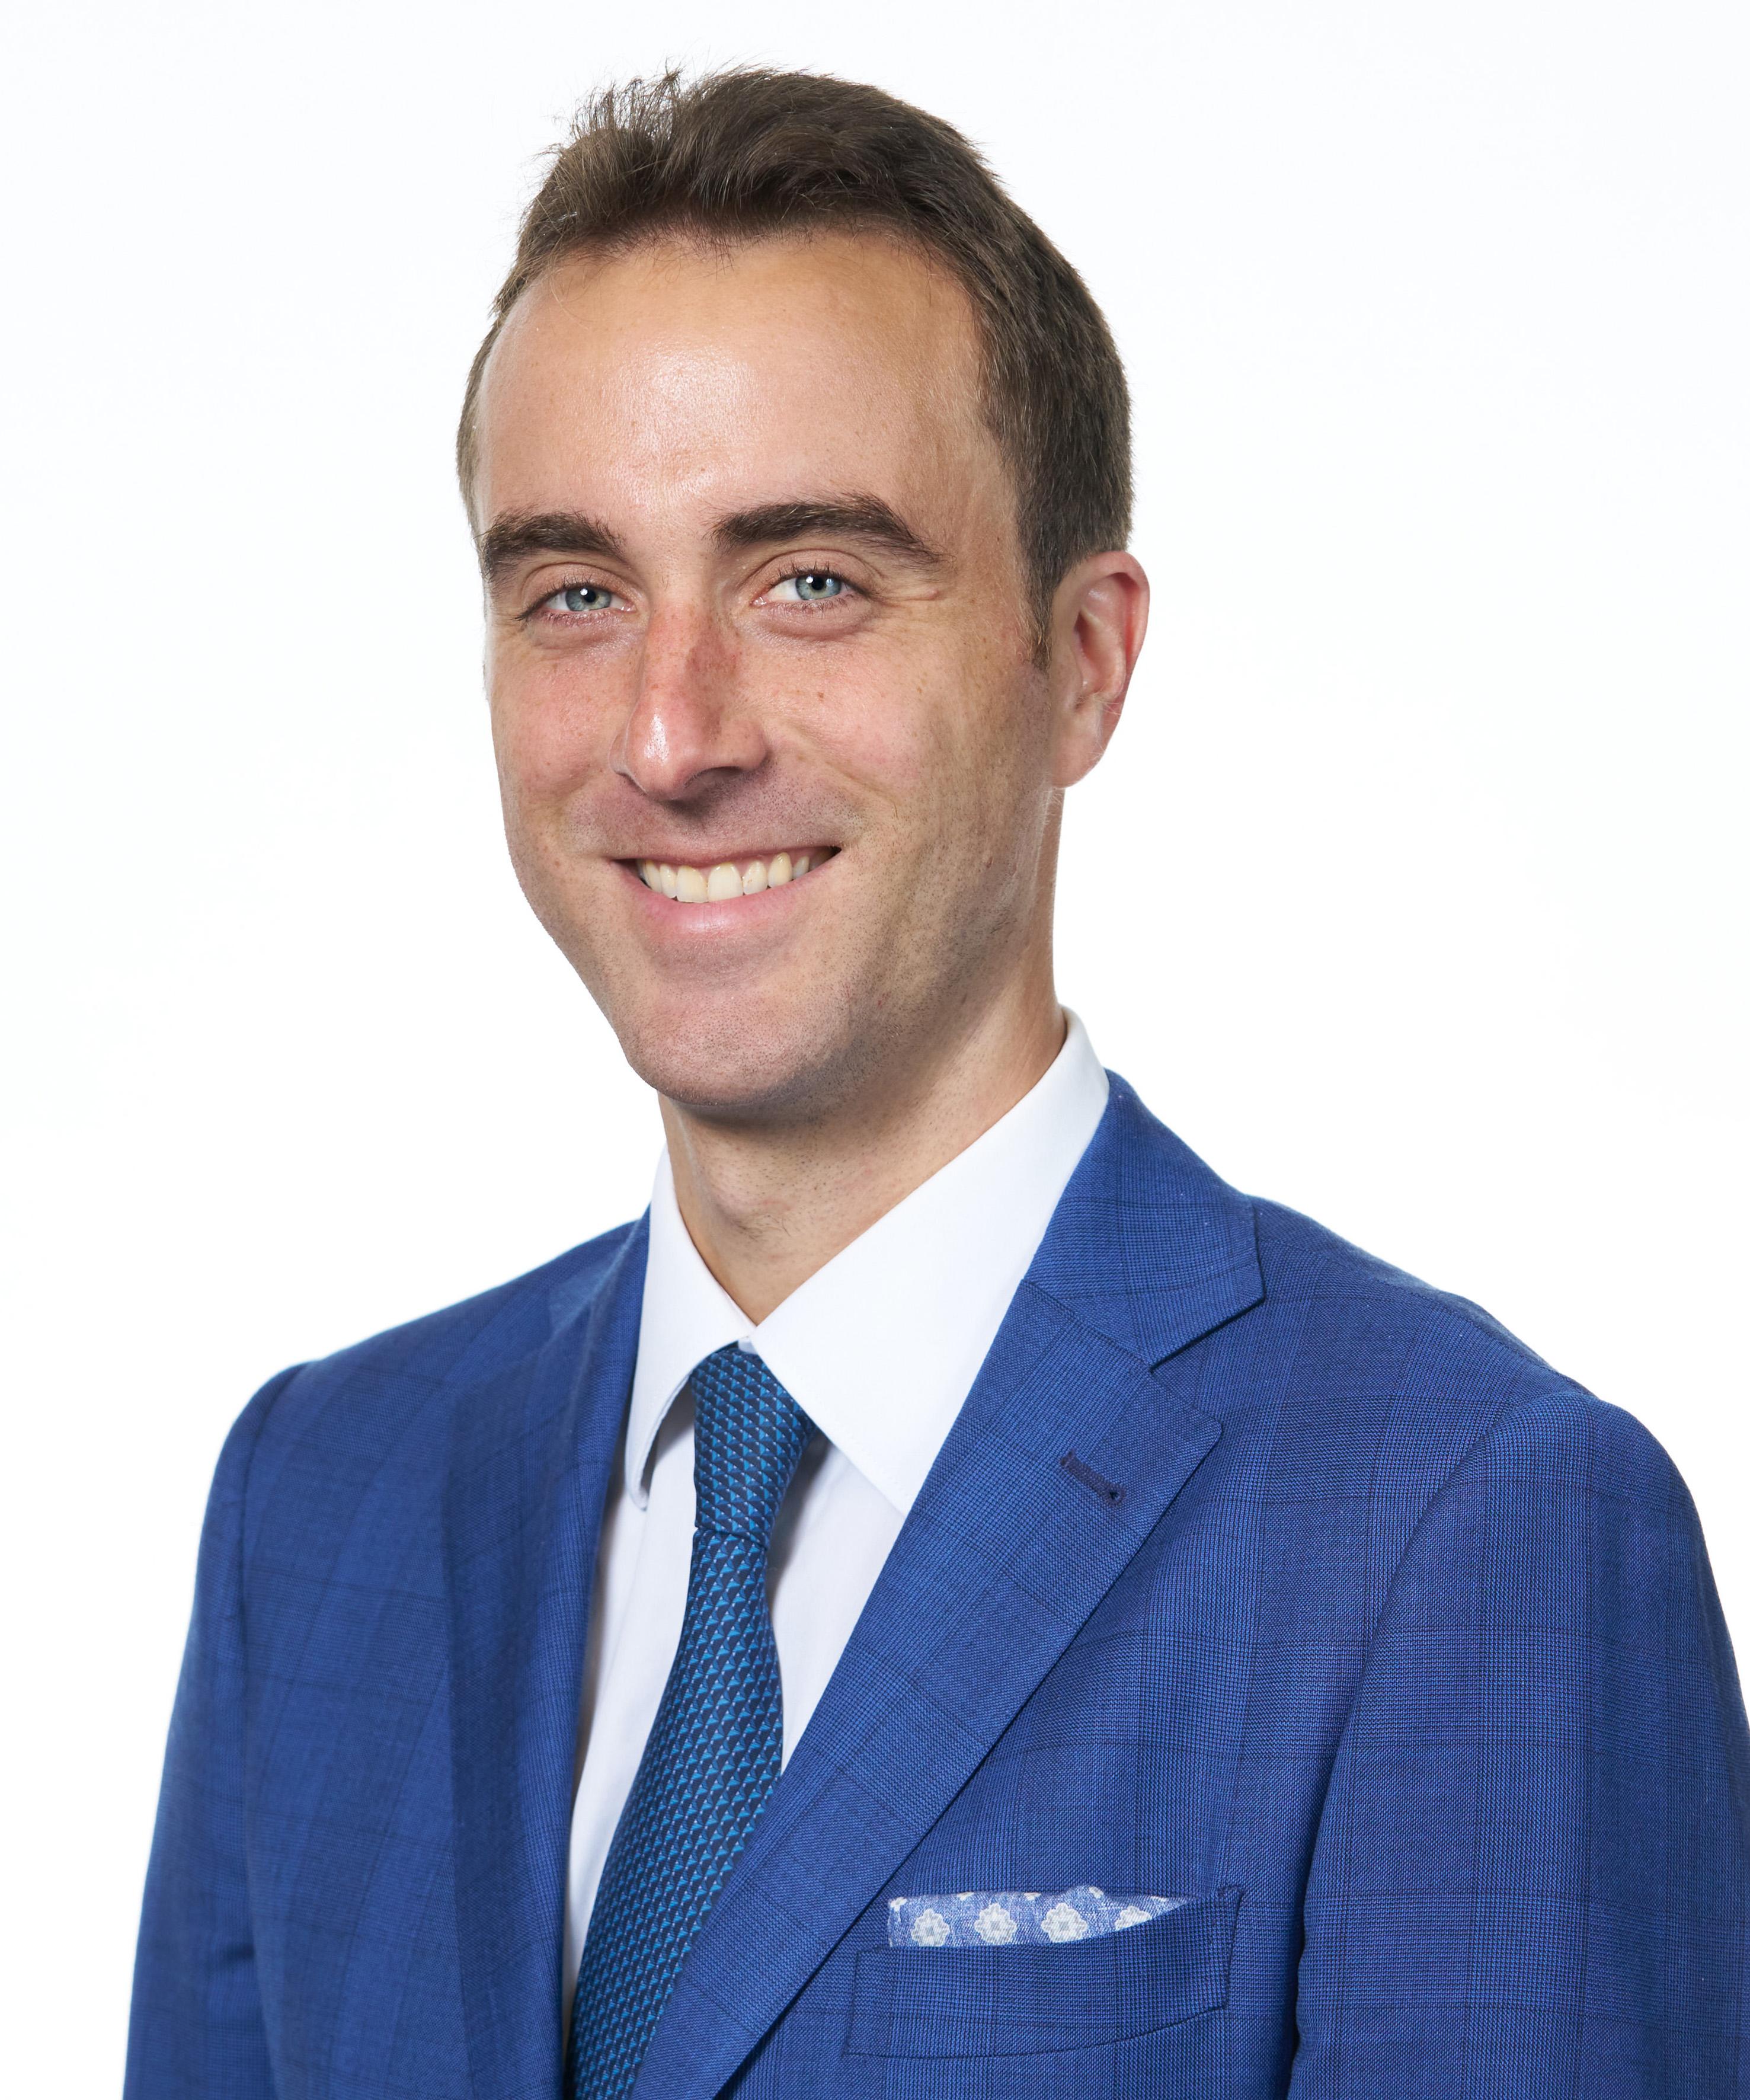 Adrien Faelli